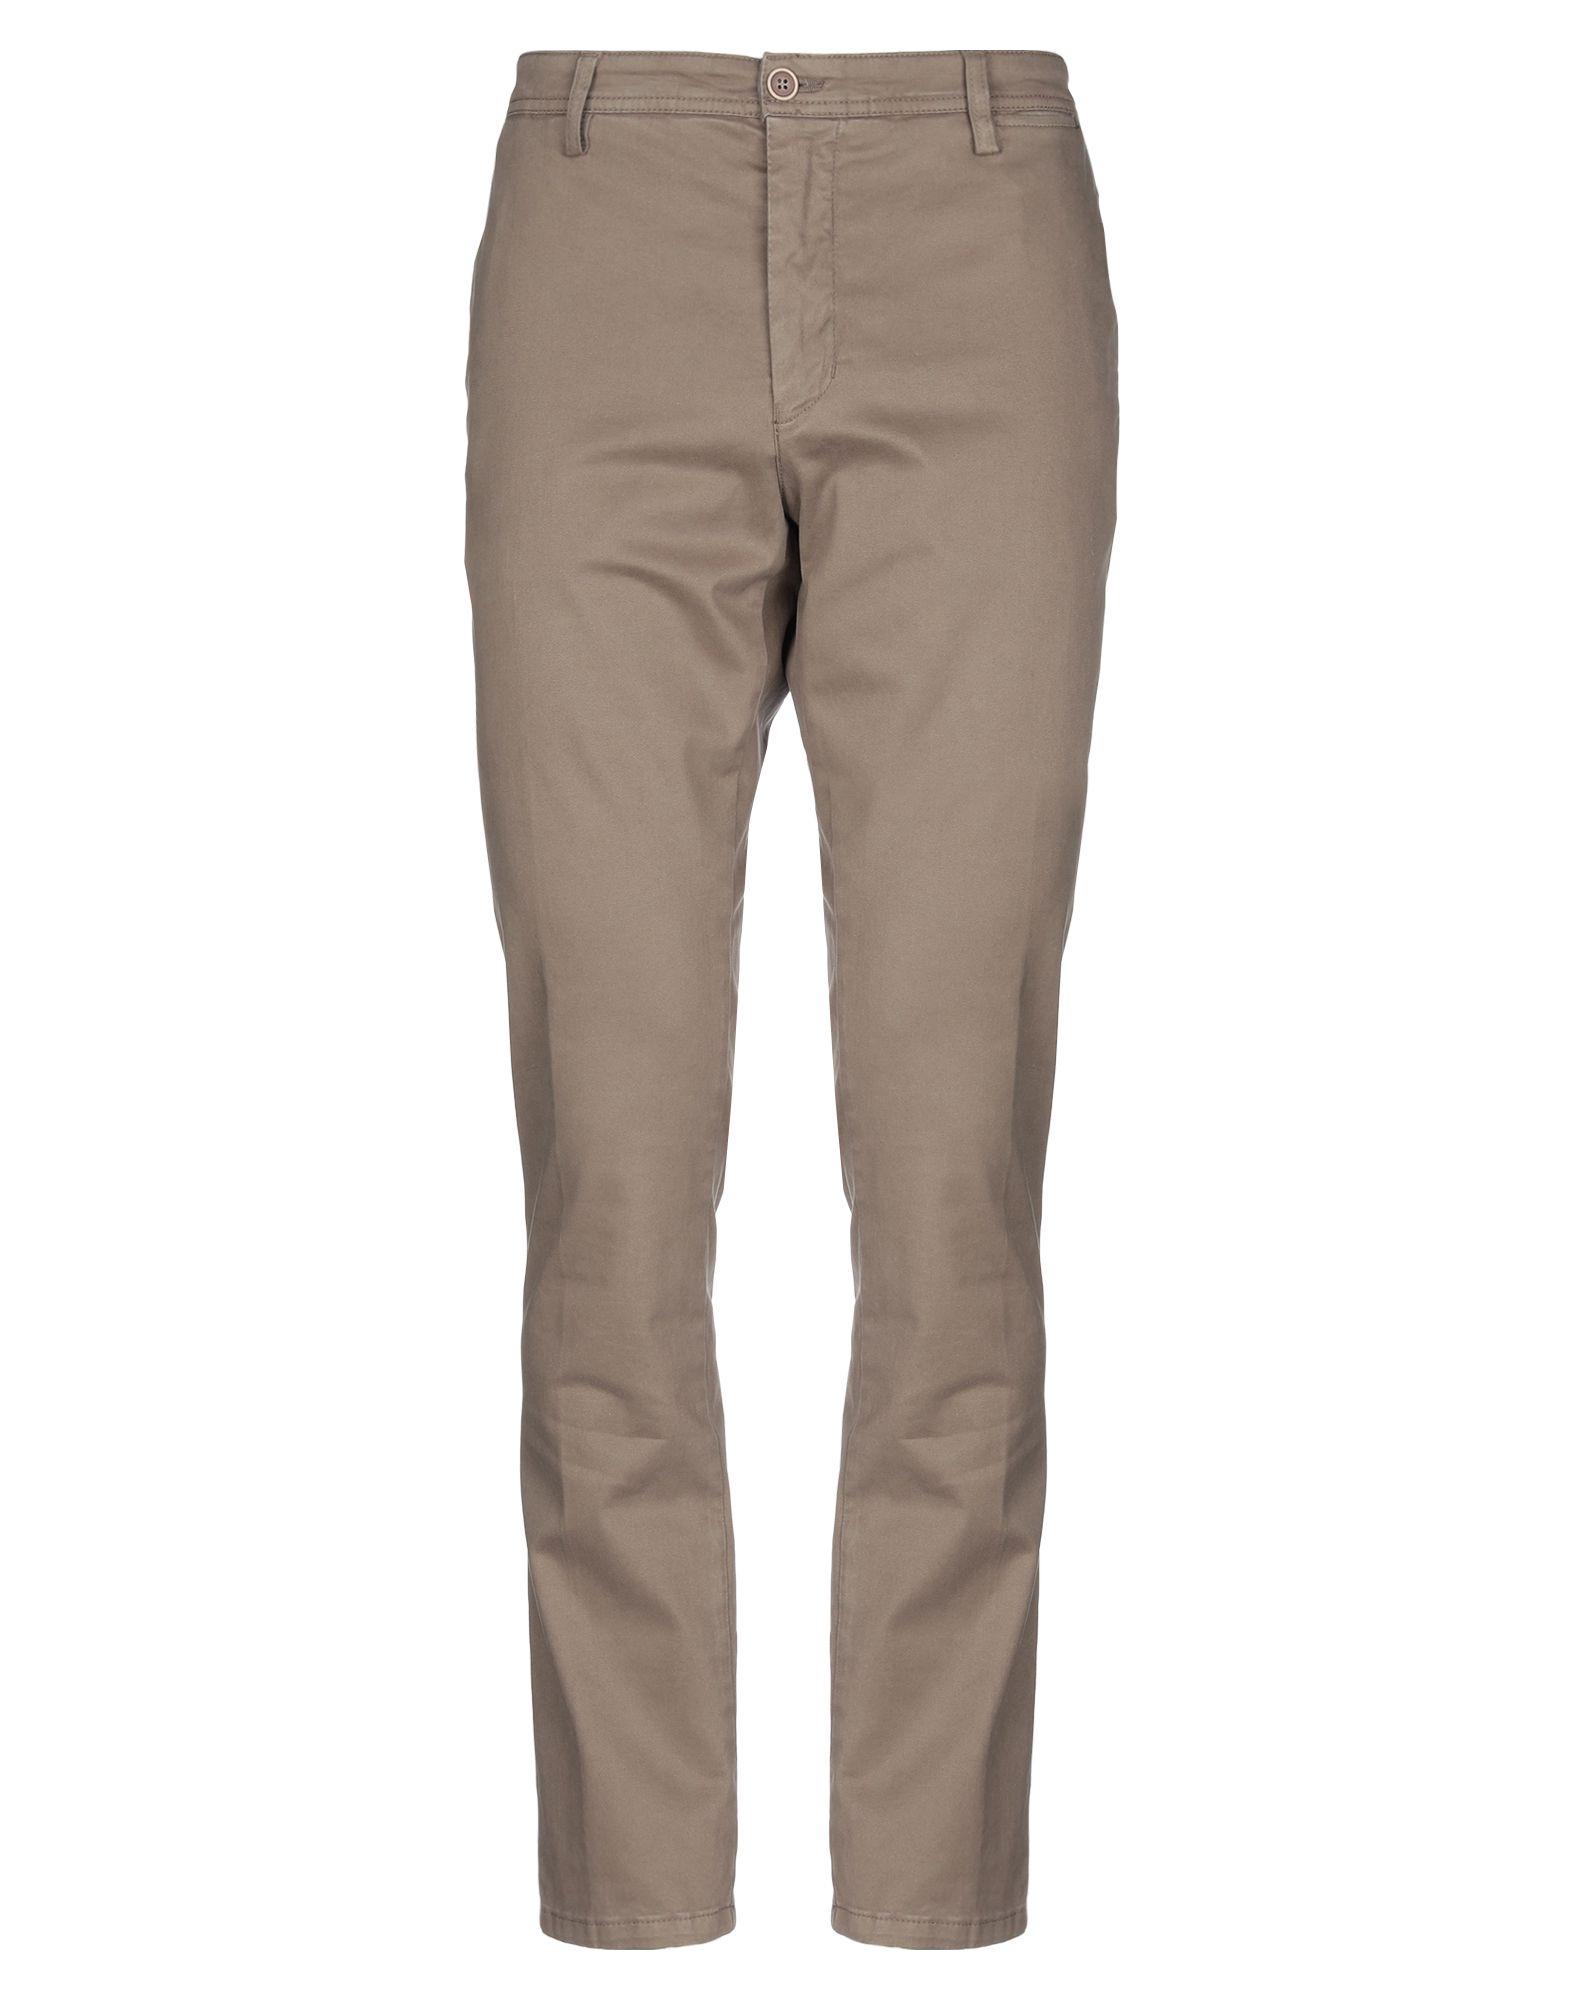 HAPPER & CO Повседневные брюки стоимость